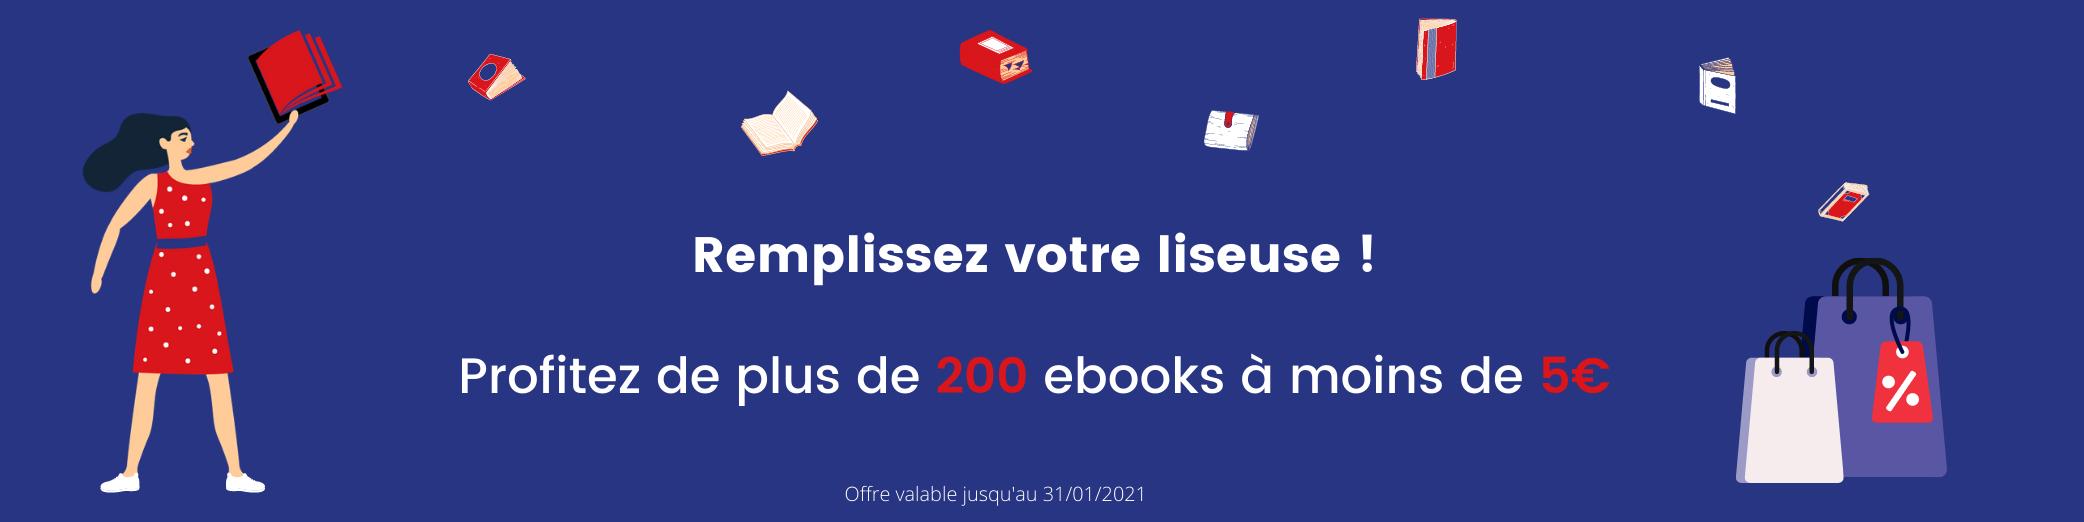 Petits prix : remplissez votre liseuse avec 200 ebooks en promotion à moins de 5€